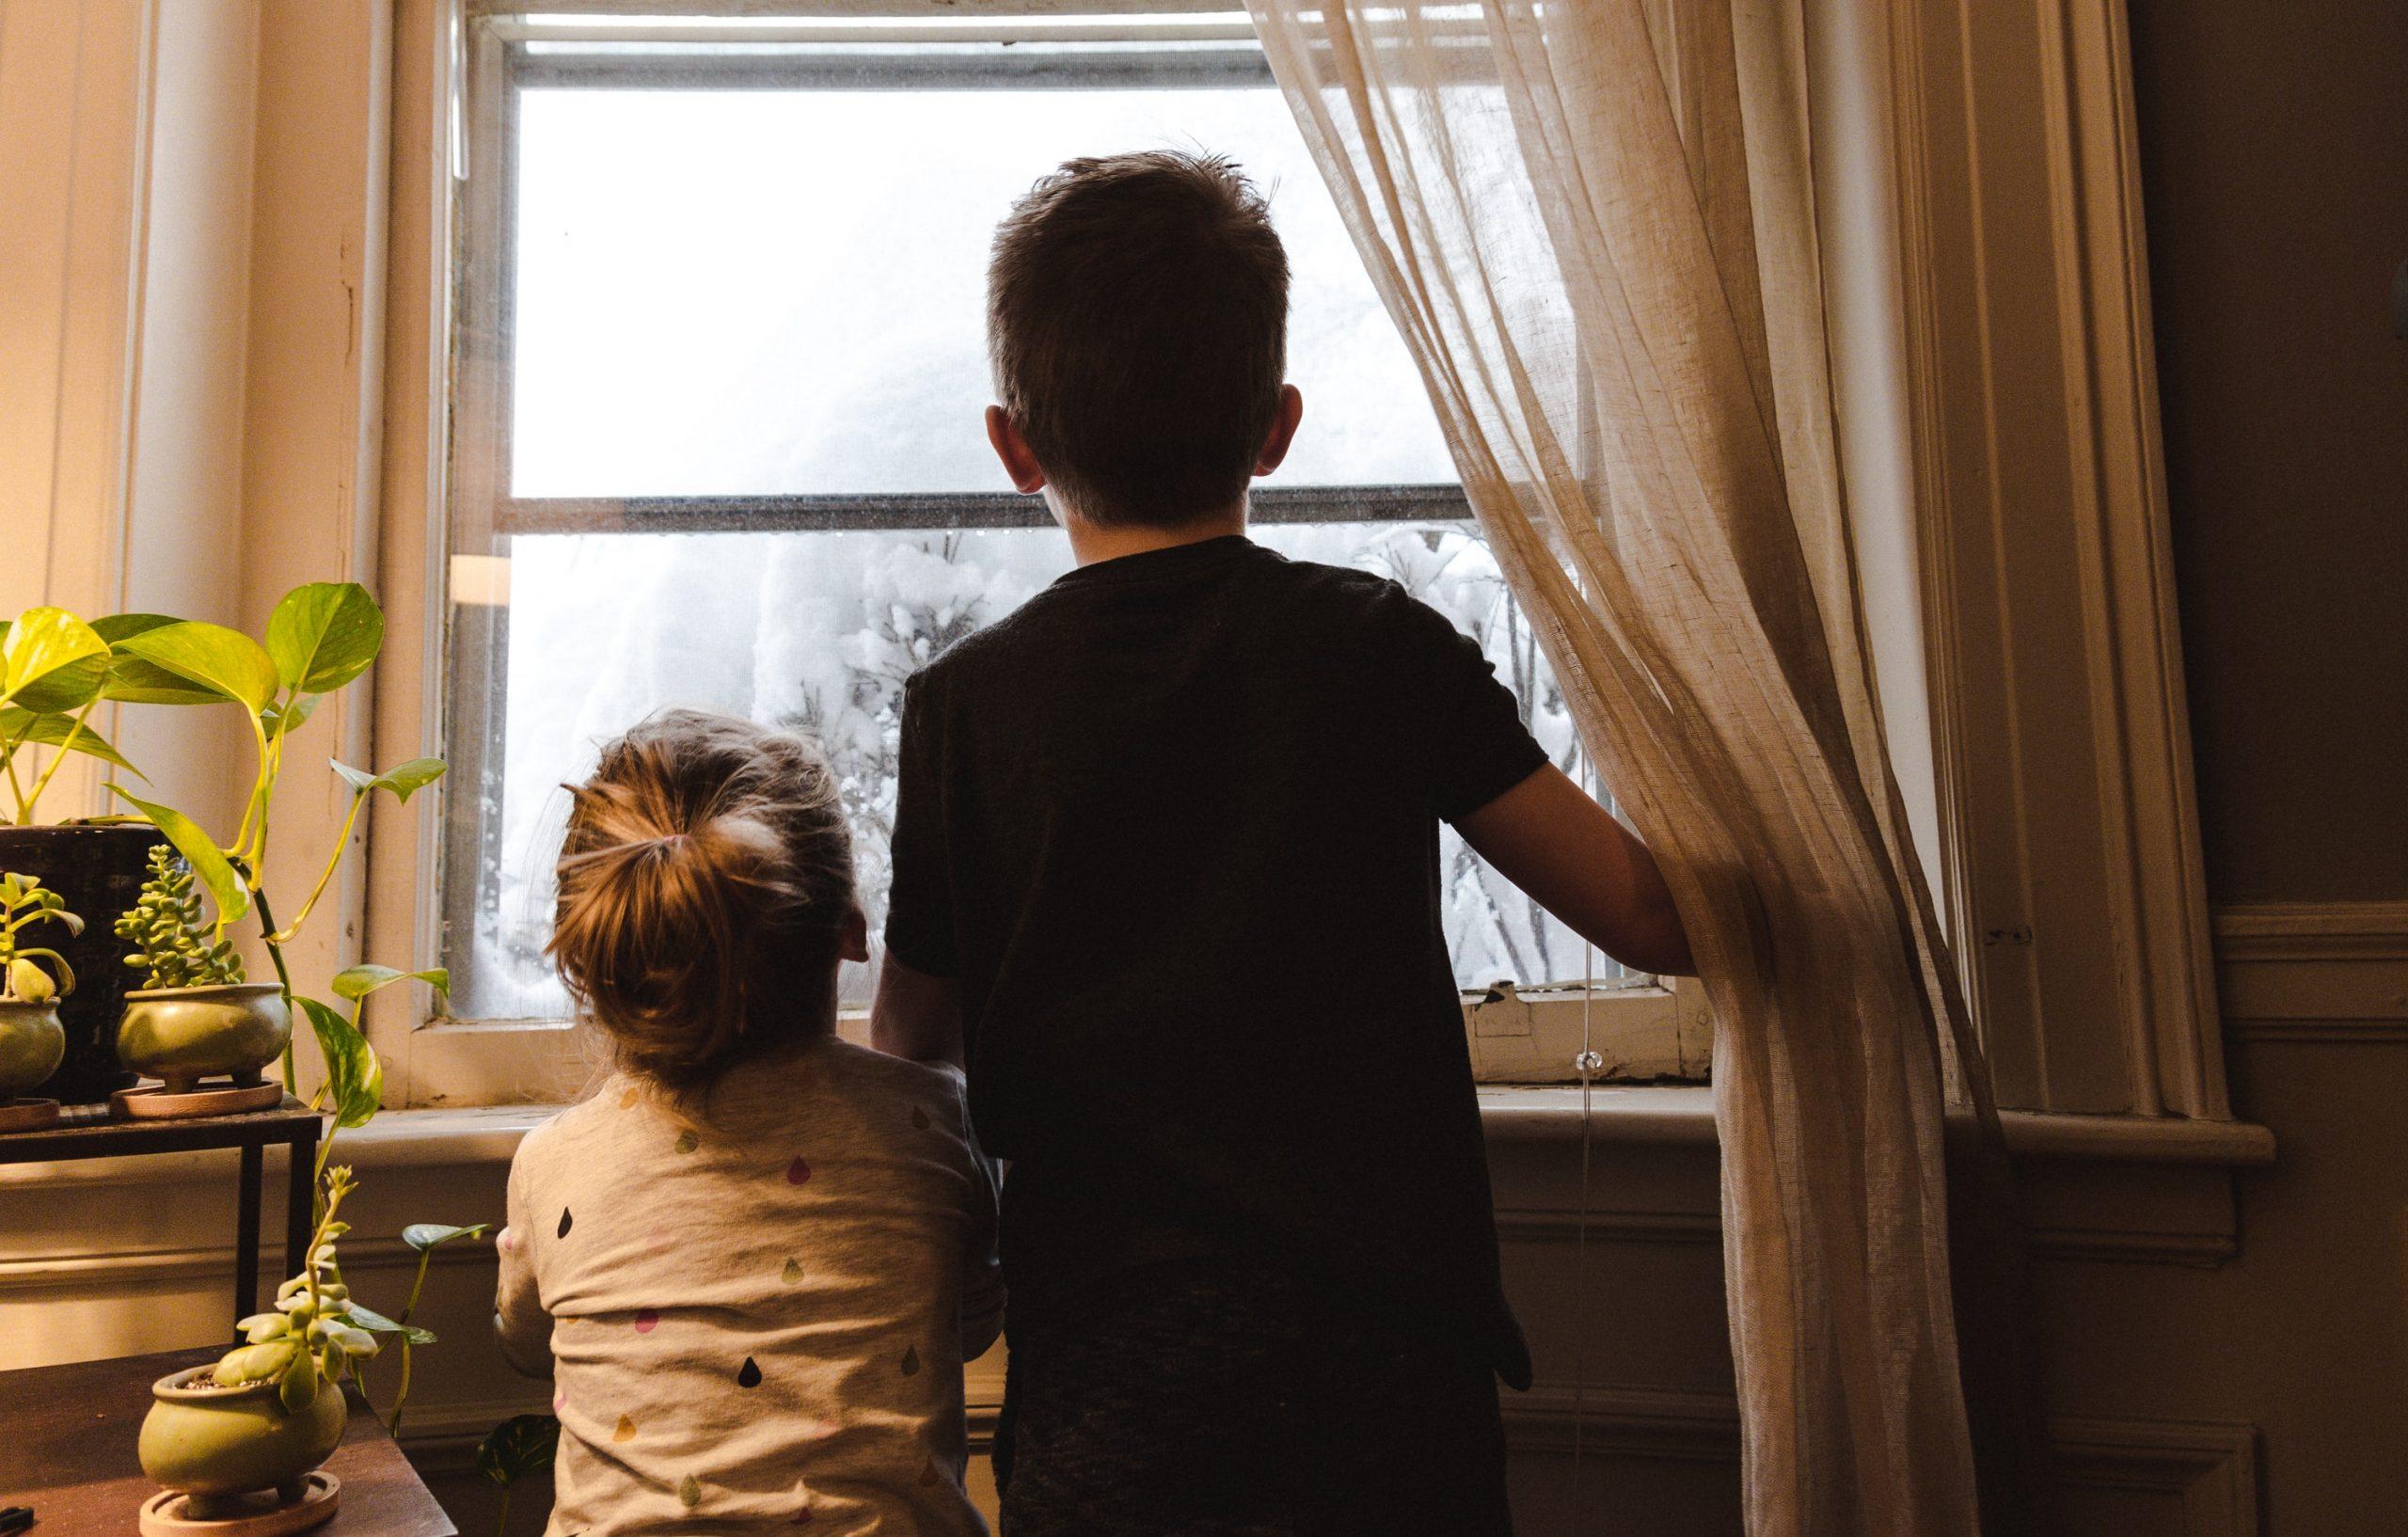 Κορονοϊός, παιδιά και έφηβοι: Τι τους λέμε και πώς βοηθάμε να διαχειριστούν το «μένουμε σπίτι»